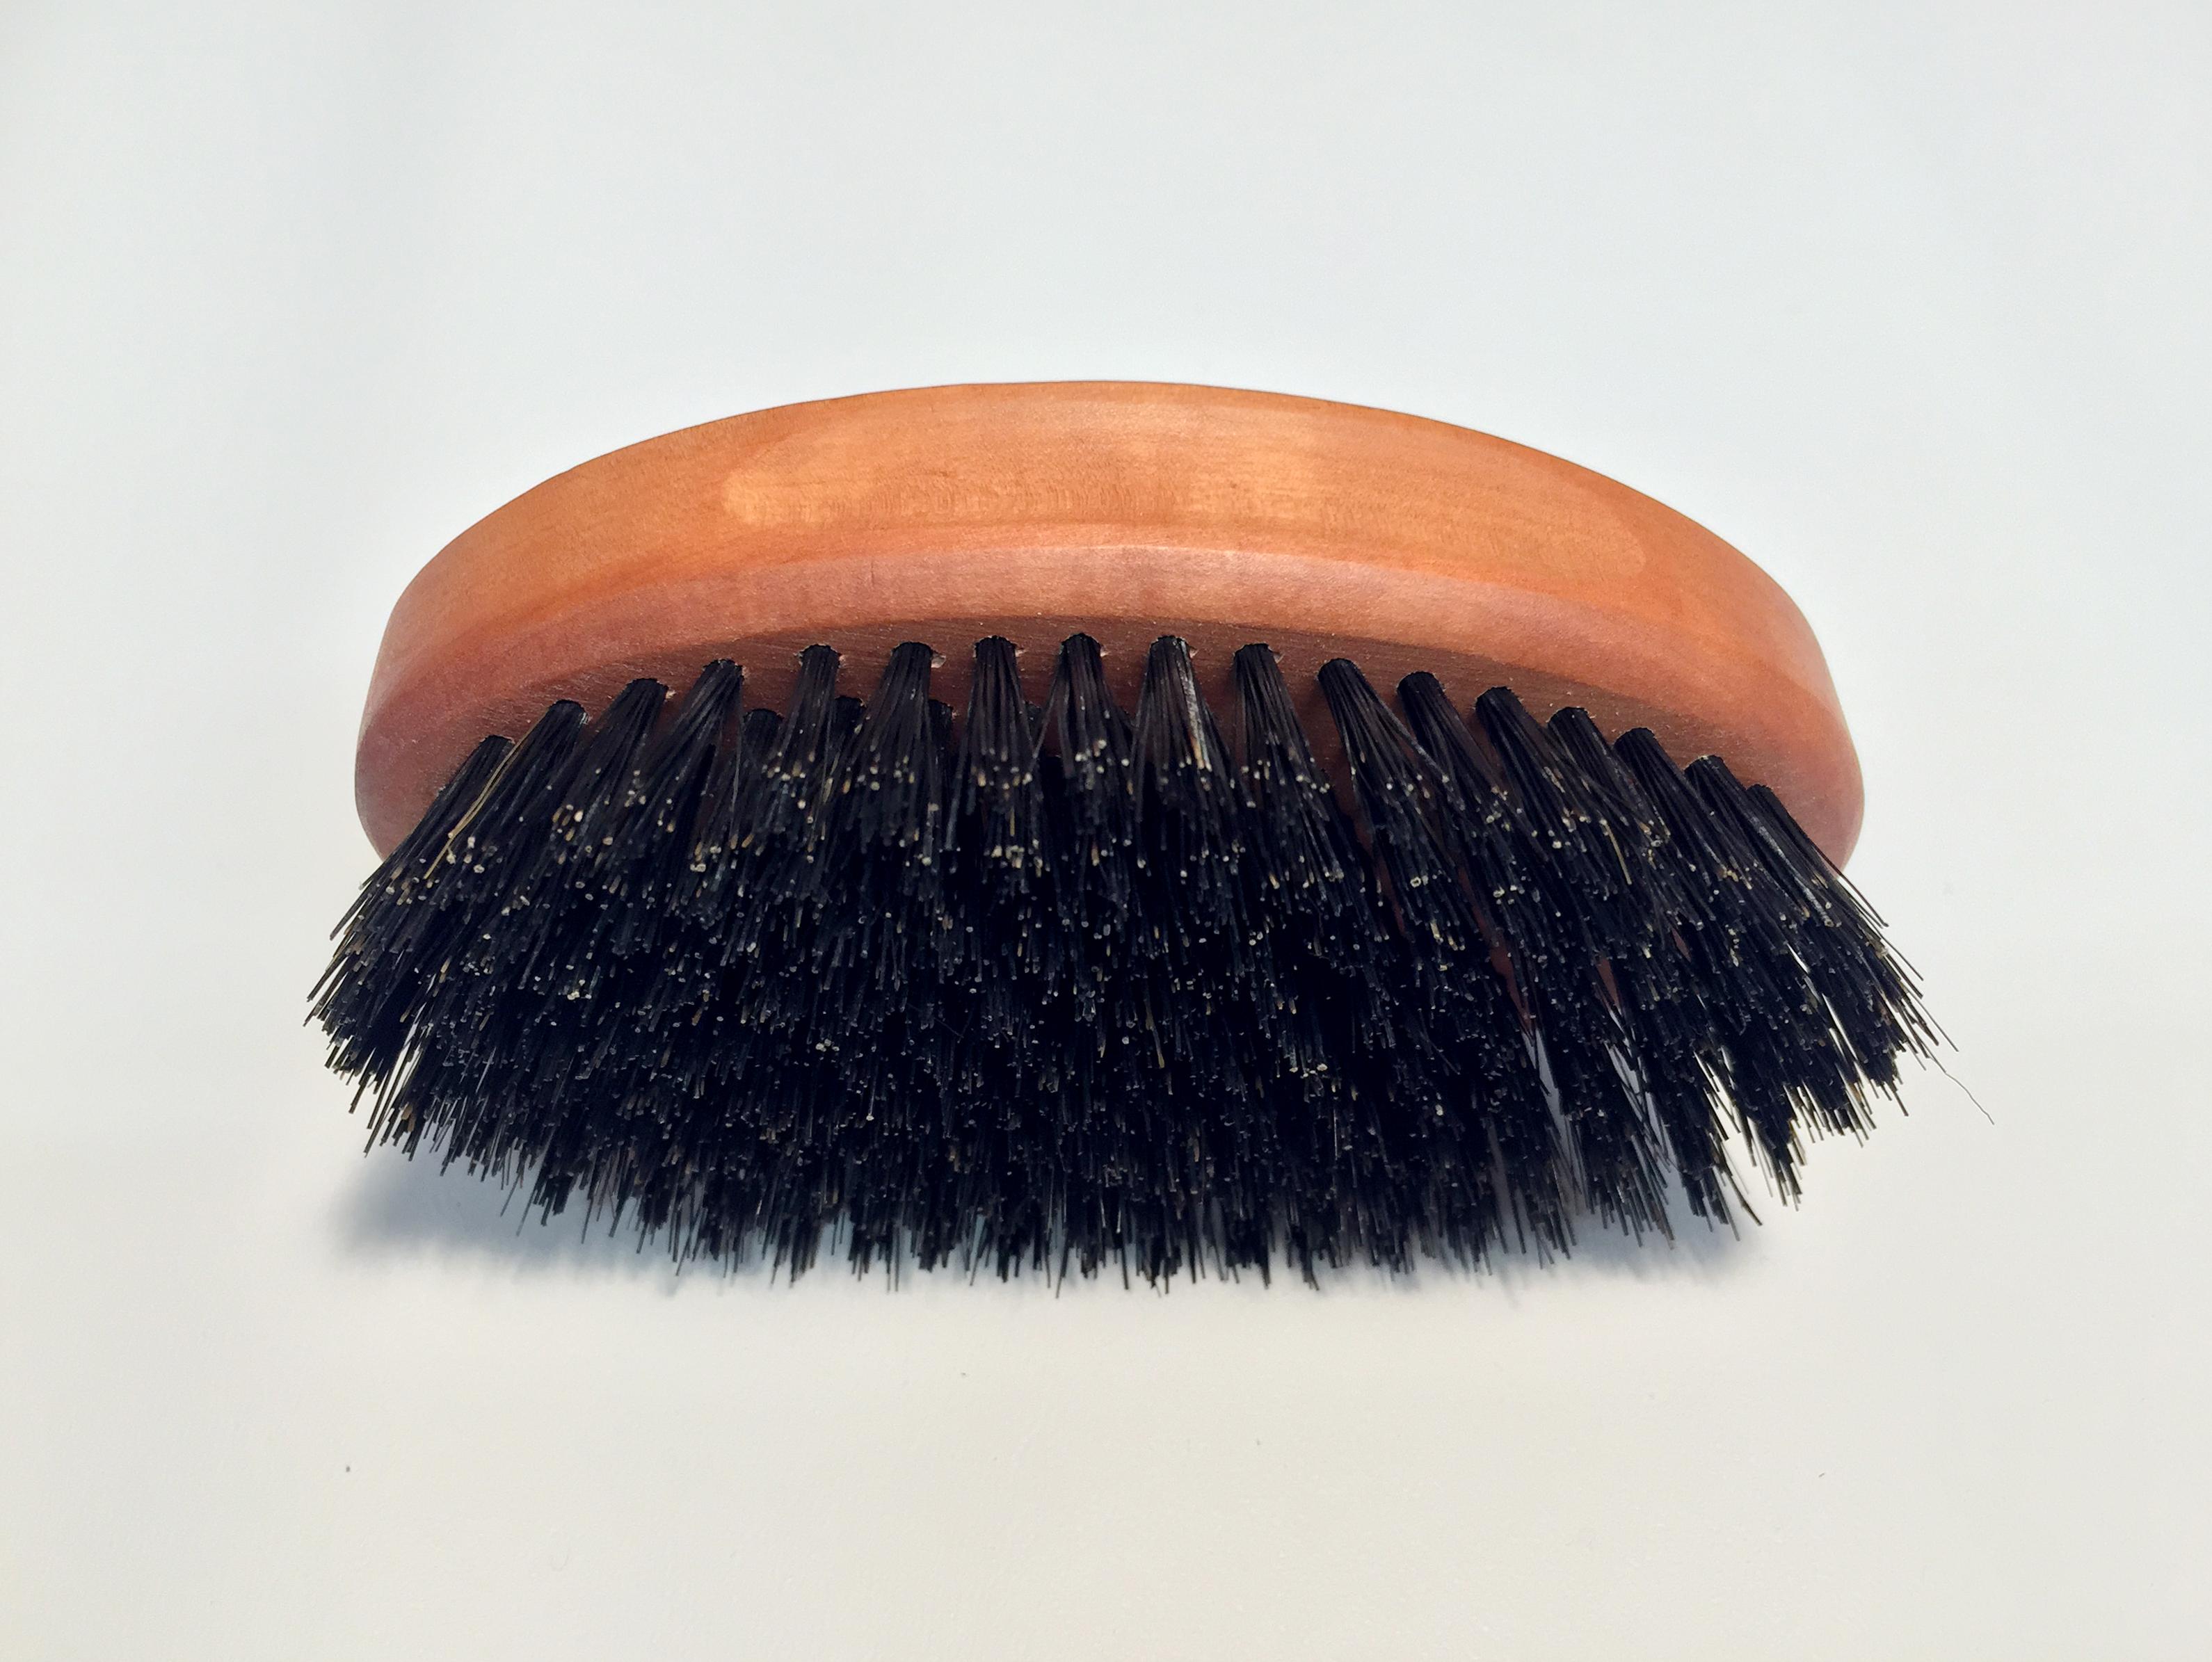 Cepillos para barba Ganiveteria Roca